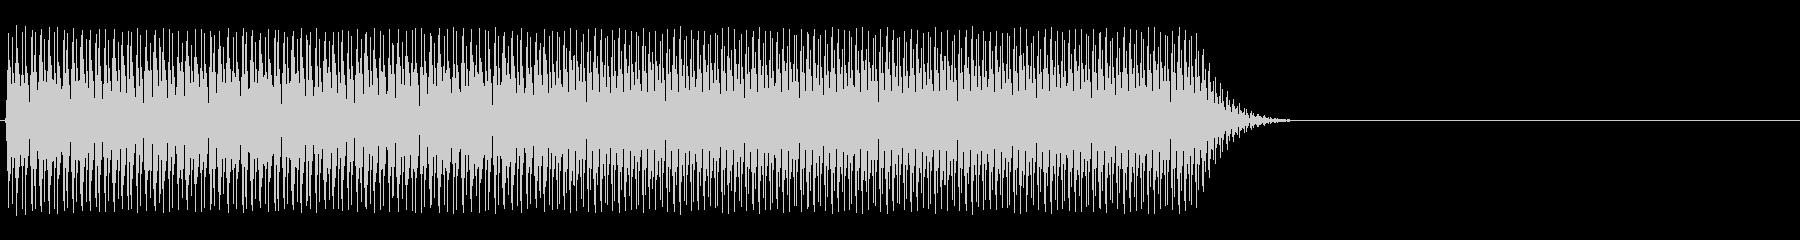 ビバッ(アラート音、告知音、デジタル)の未再生の波形